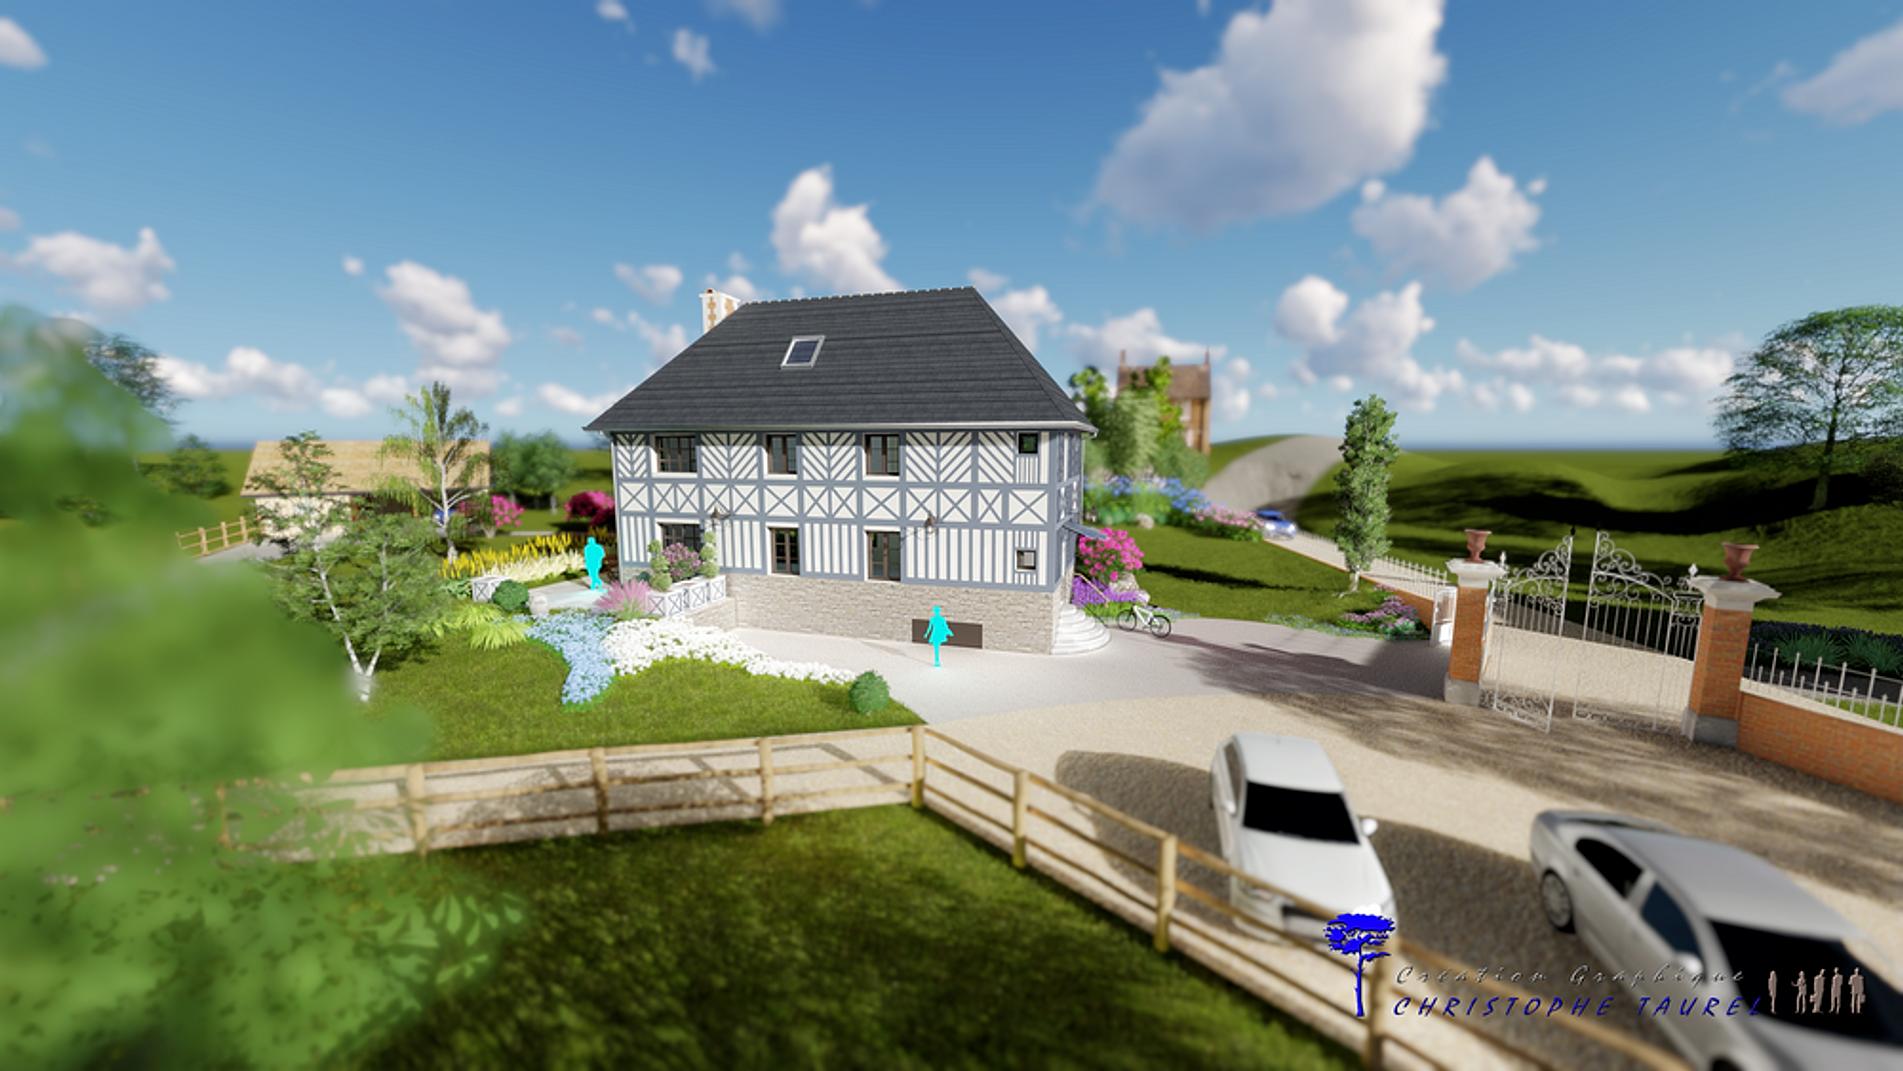 Plan pour construire maison permis de construire pour une for Construire une maison en 3d